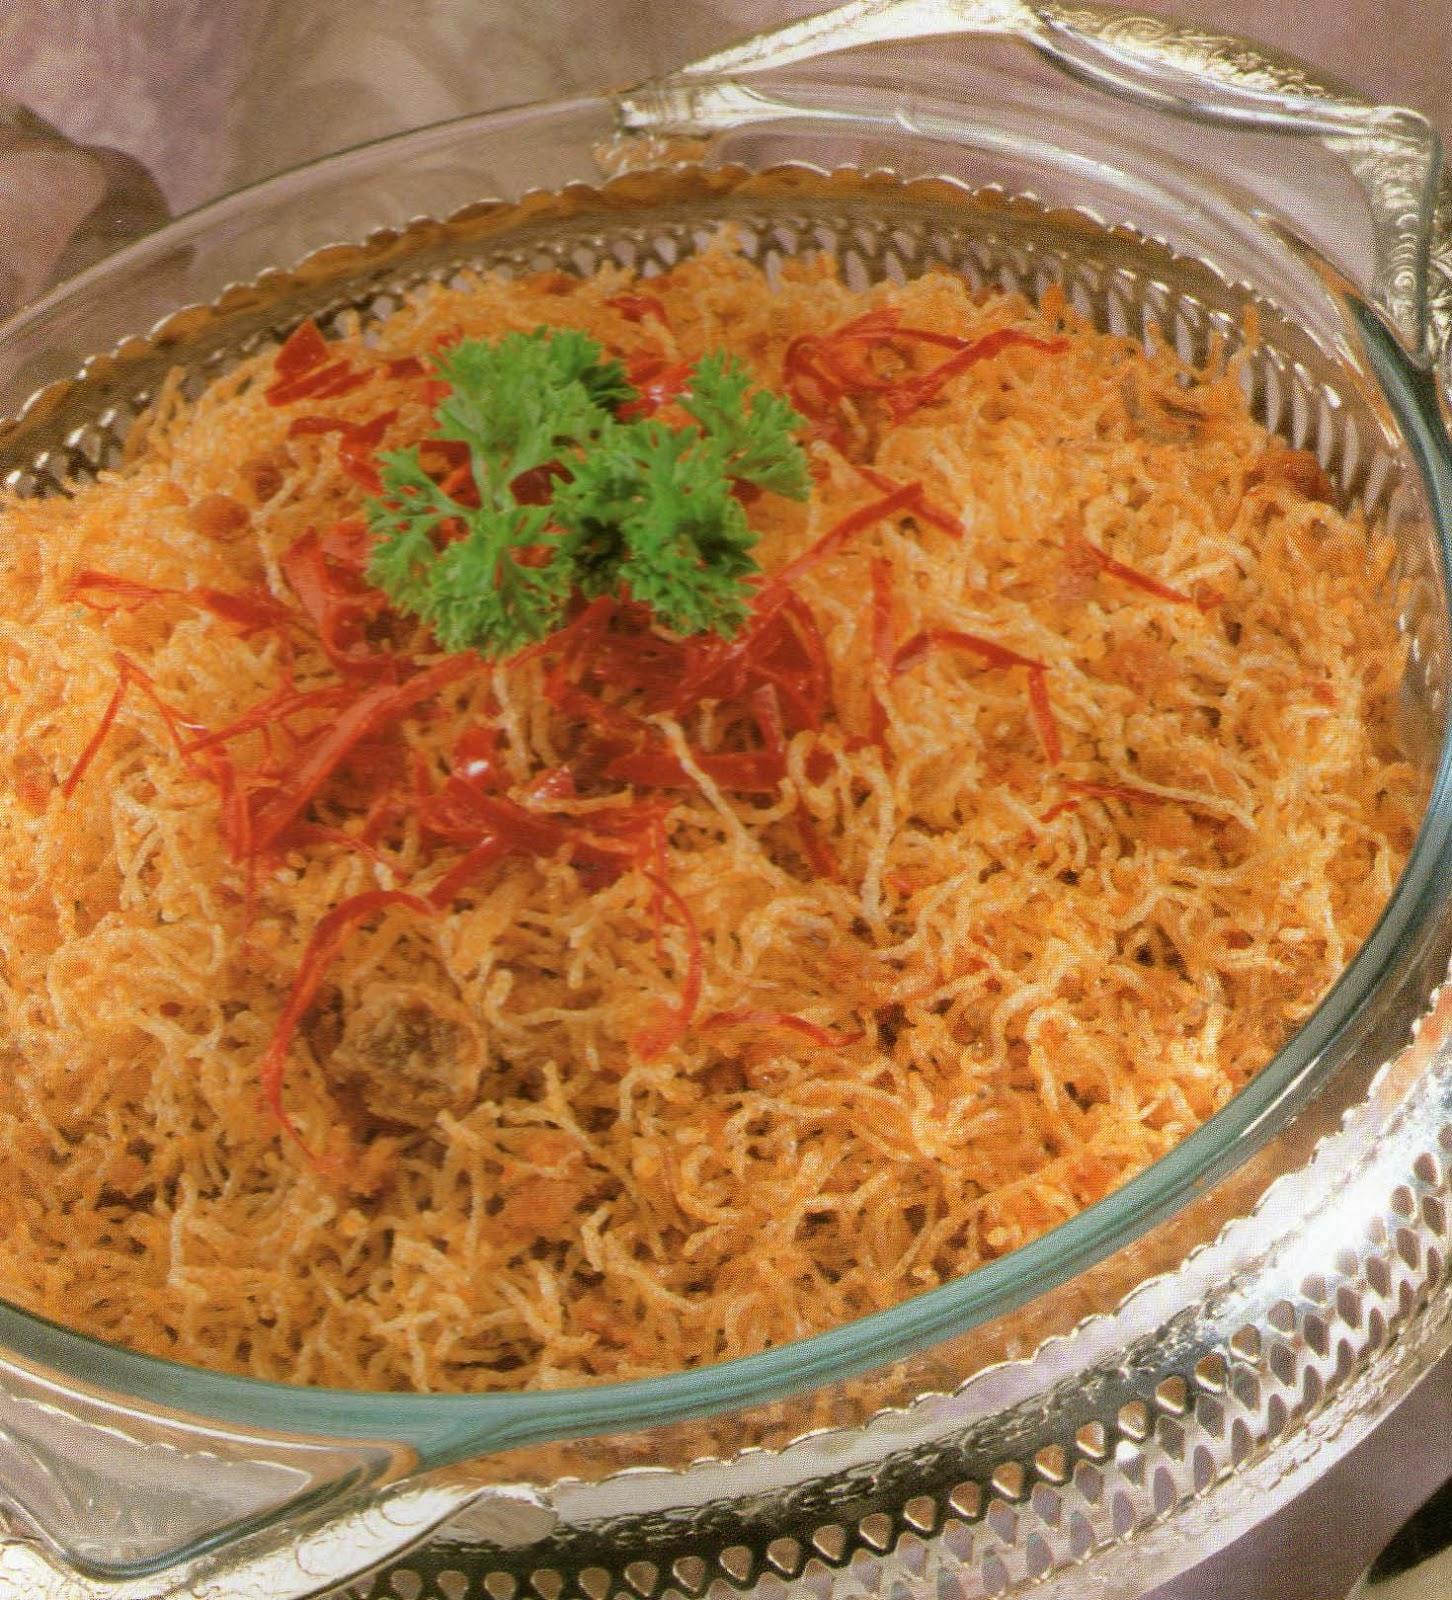 Masak blogspot com 2013 04 resep cara membuat sambal kering bihun html